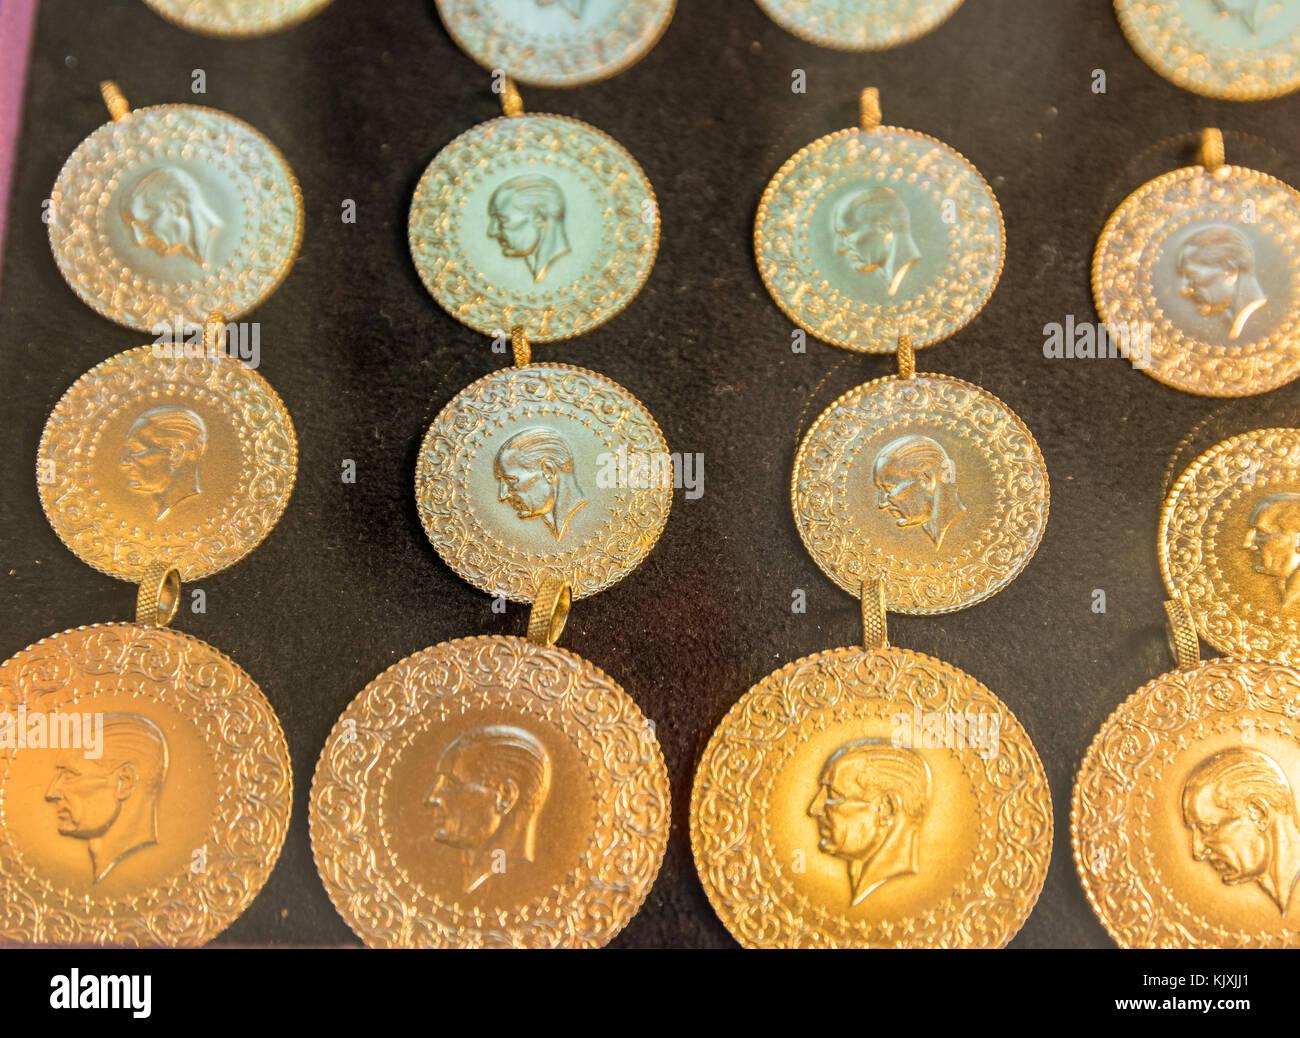 Gold Coin Turkish Lira Stockfotos und bilder Kaufen Alamy